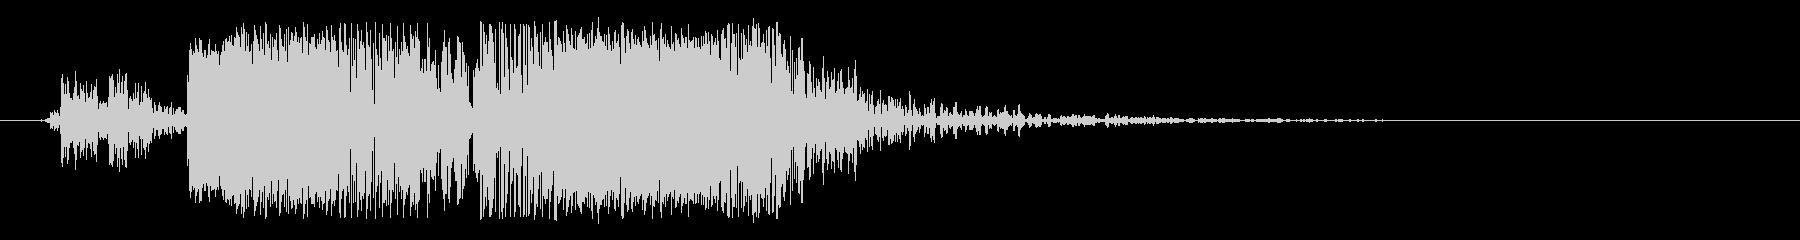 メタルクリーク;高音のきしみ音の影...の未再生の波形